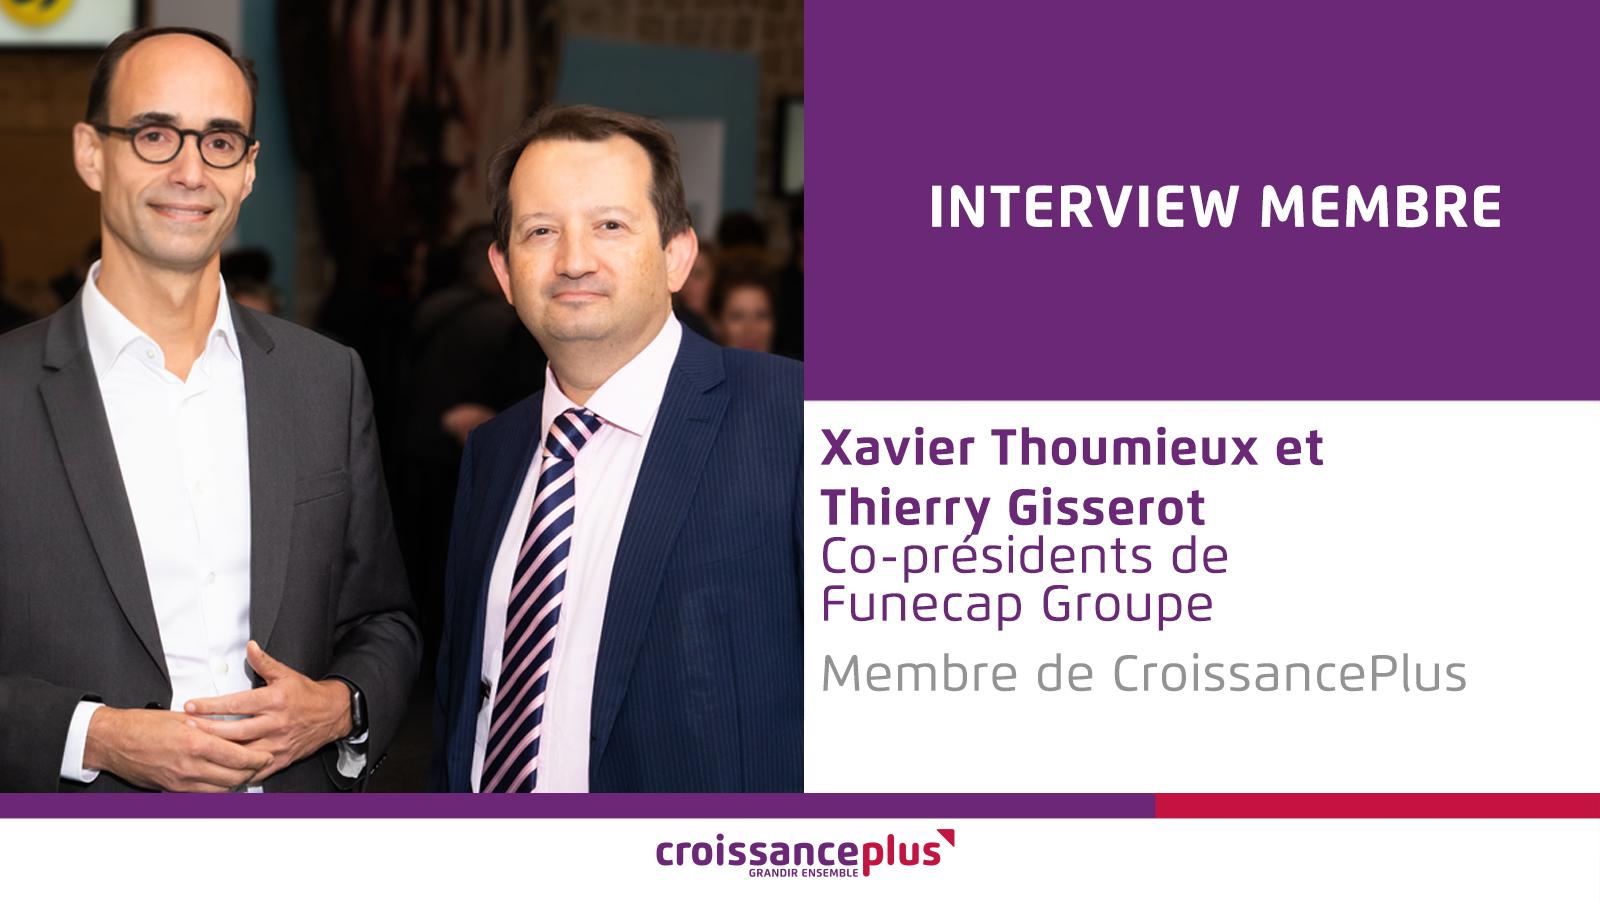 Découvrez Xavier Thoumieux et Thierry Gisserot, co-présidents de Funecap Groupe